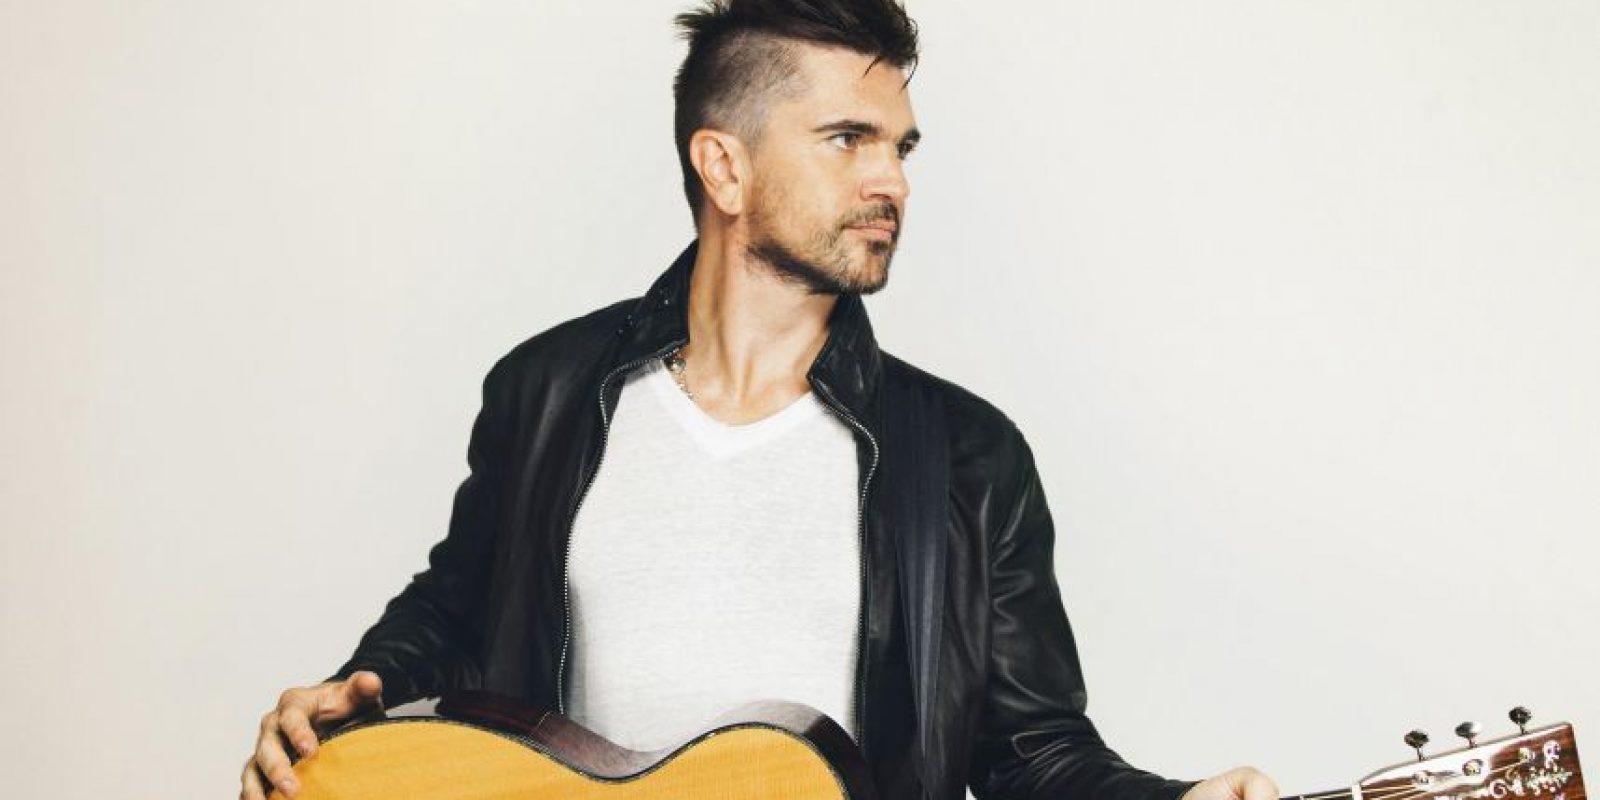 Juanes Foto:Fuente externa